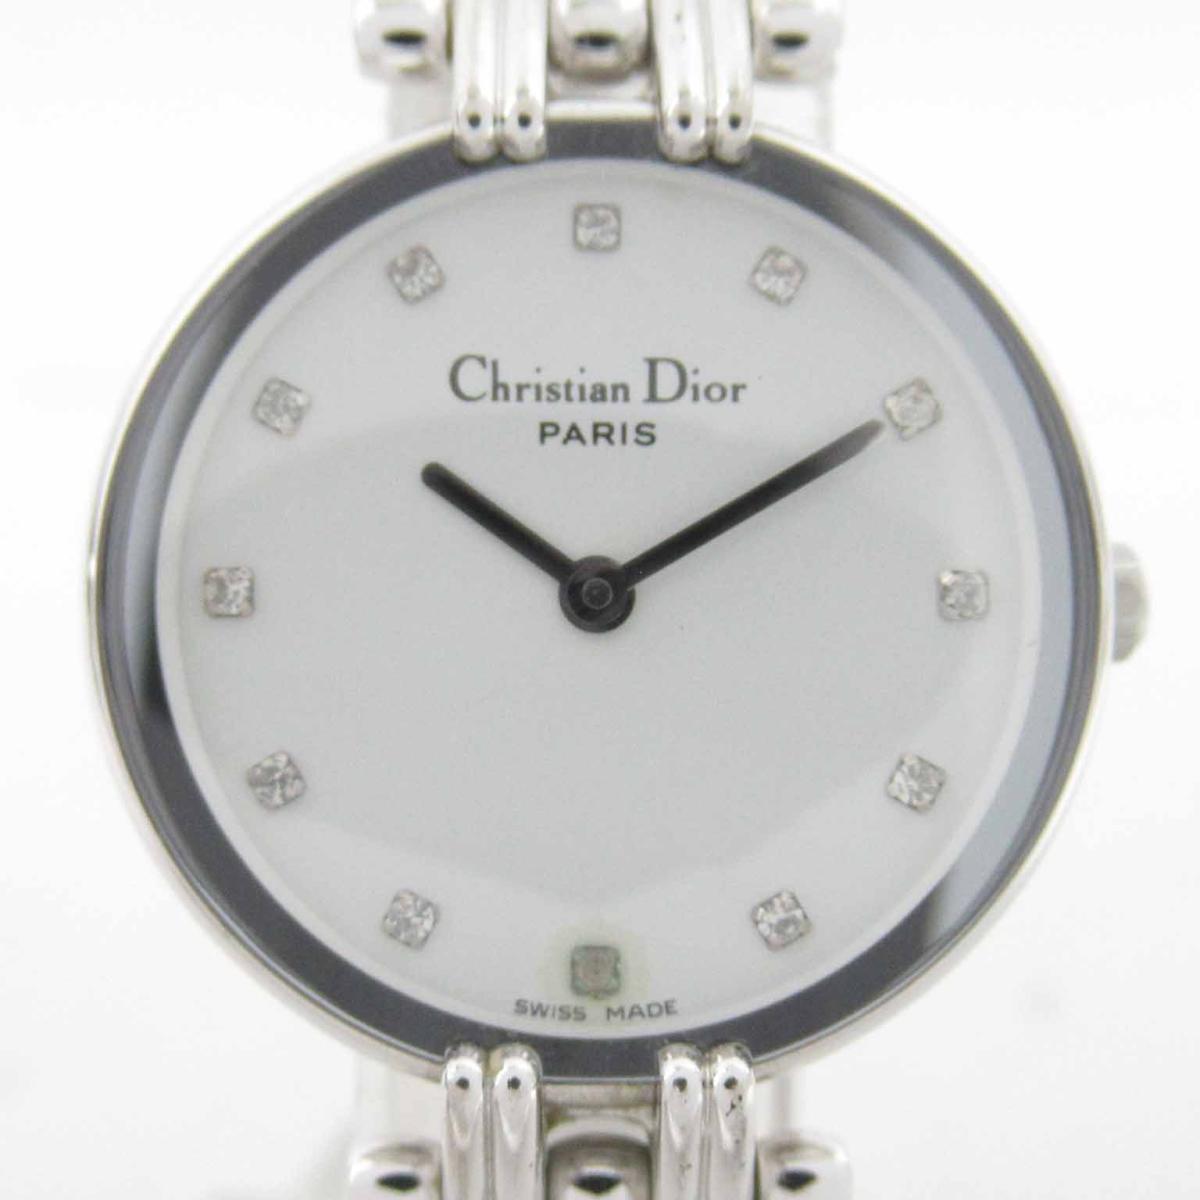 ≪期間限定≫メルマガ登録でクーポンGET! 【中古】 クリスチャン・ディオール バギラ ウォッチ 腕時計 レディース ステンレススチール (SS) (D44-120) | Dior BRANDOFF ブランドオフ ブランド ブランド時計 ブランド腕時計 時計